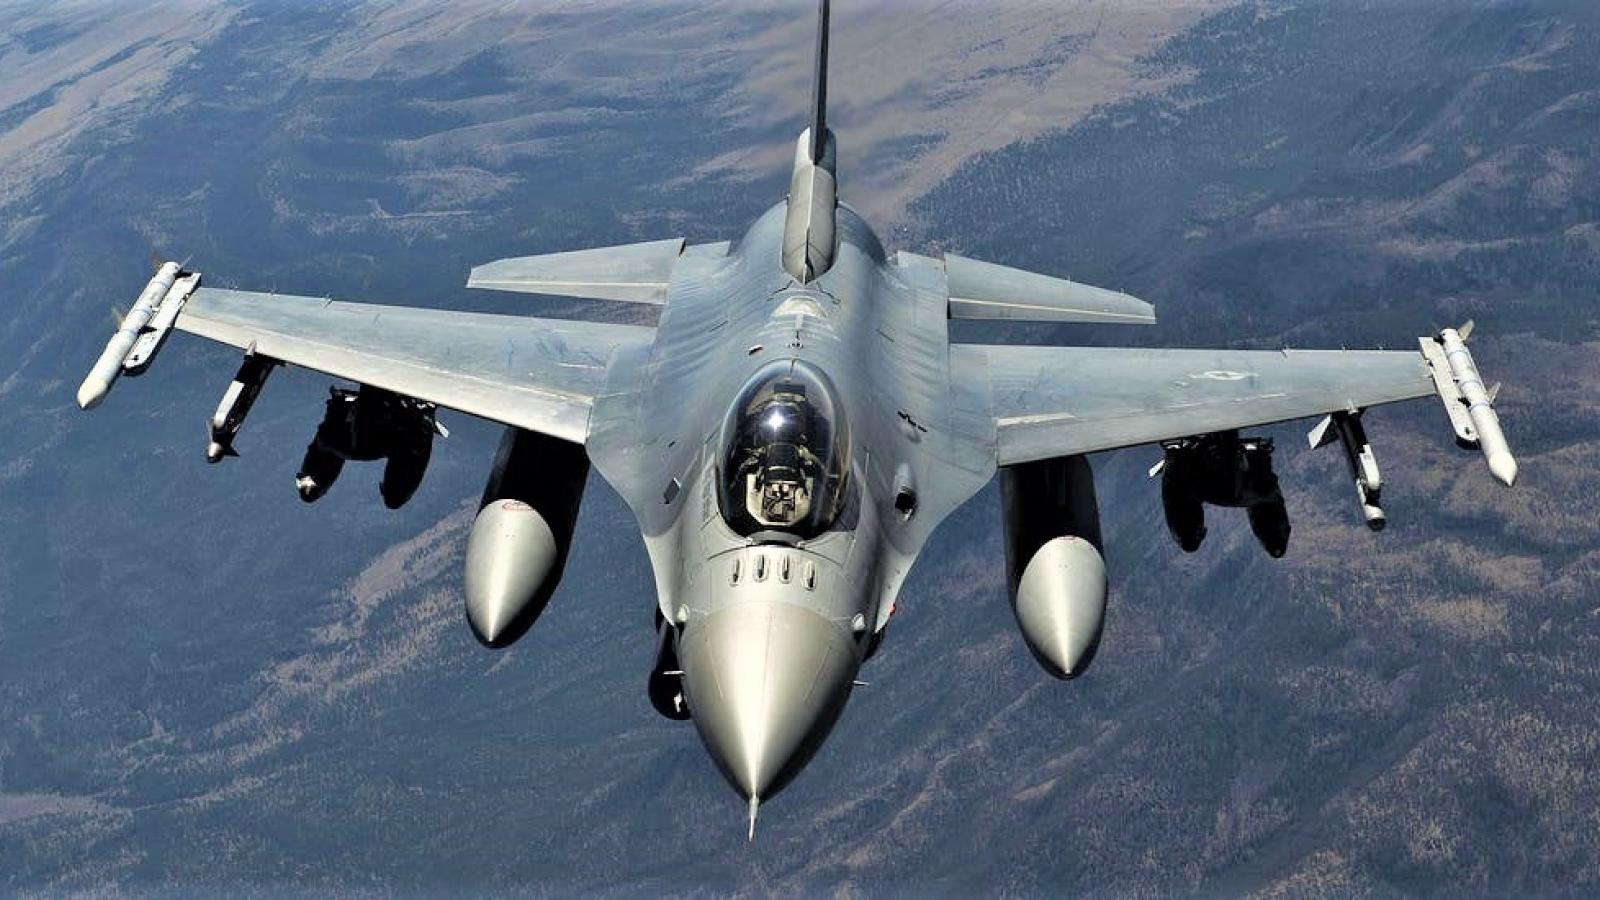 Nhu cầu về F-16 tăng cao, Lockheed Martin mở dây chuyền sản xuất mới